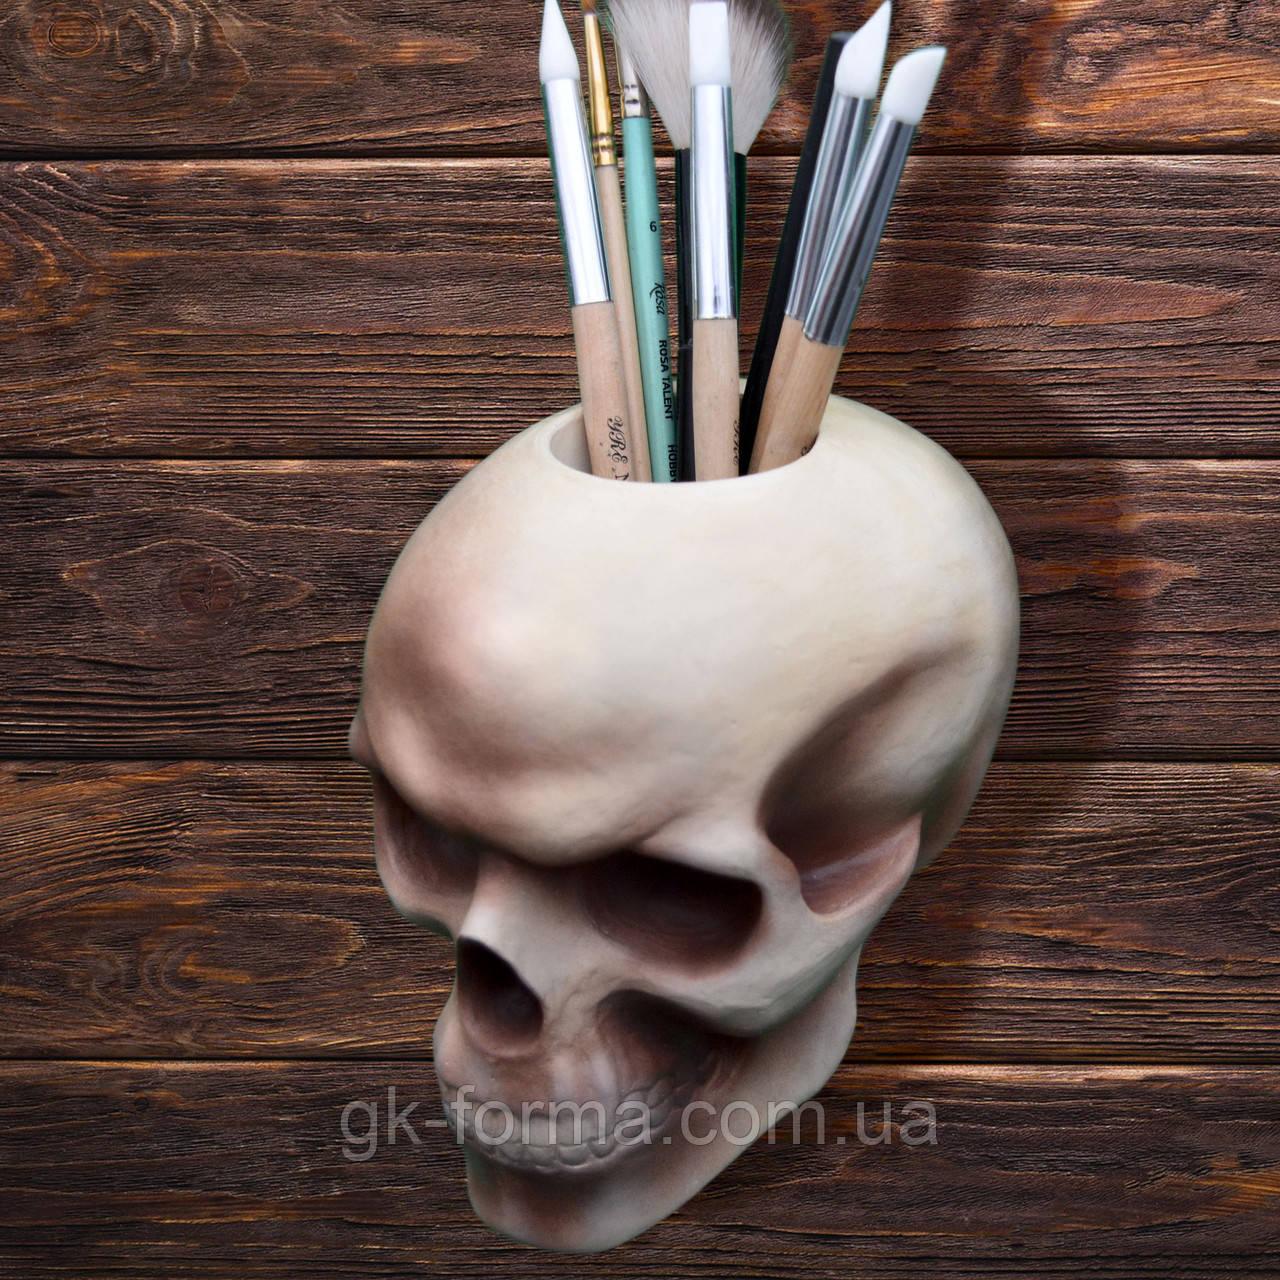 Гипсовый череп художественный.Подставка для кистей и карандашей